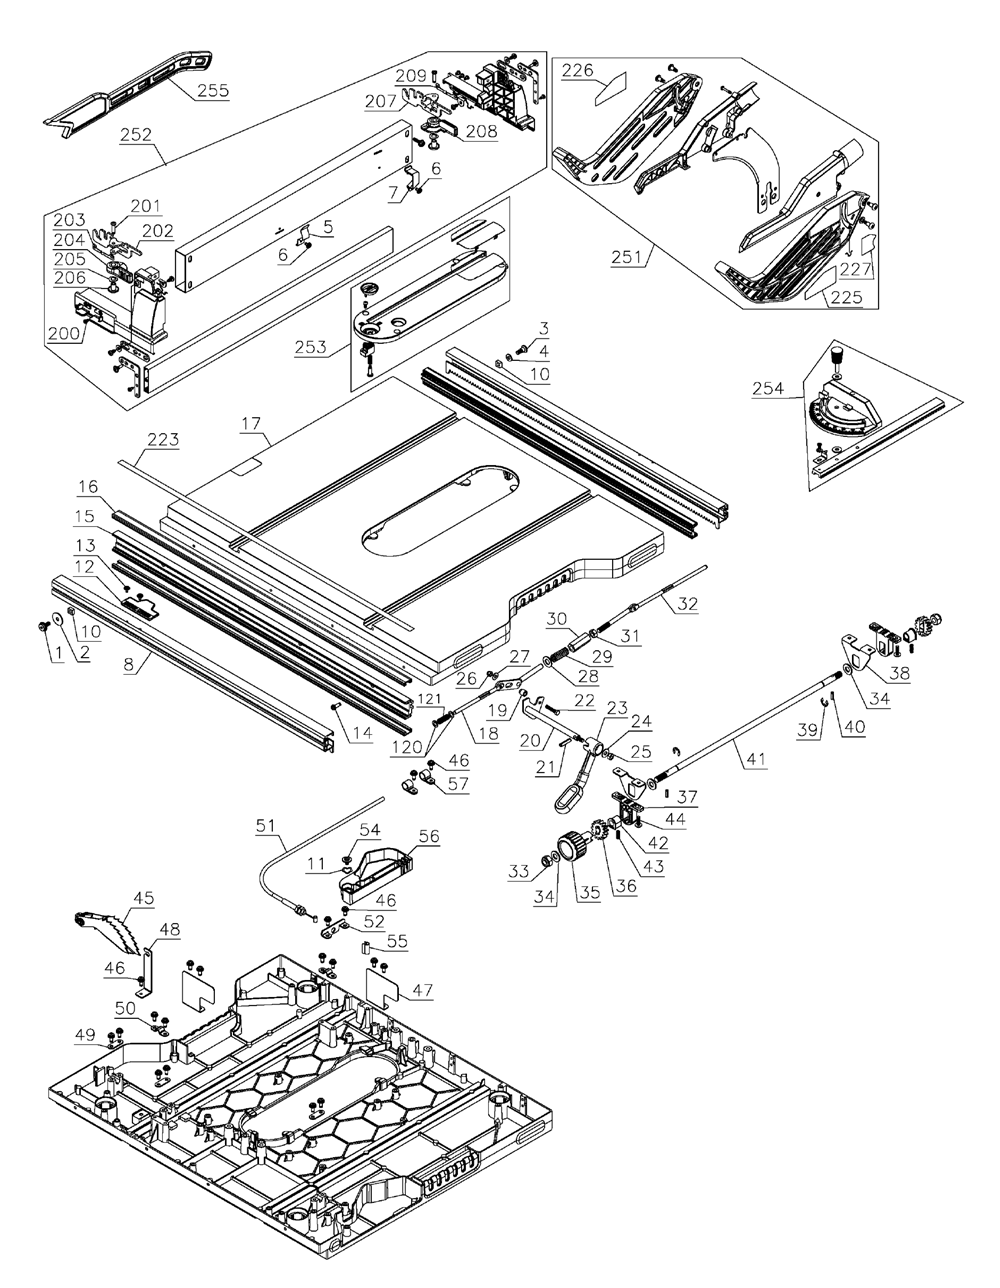 Buy Dewalt Dwe7491rs Type 1 10 Inch Jobsite Table 32 1 2 Inch 82 5cm Rip Capacity